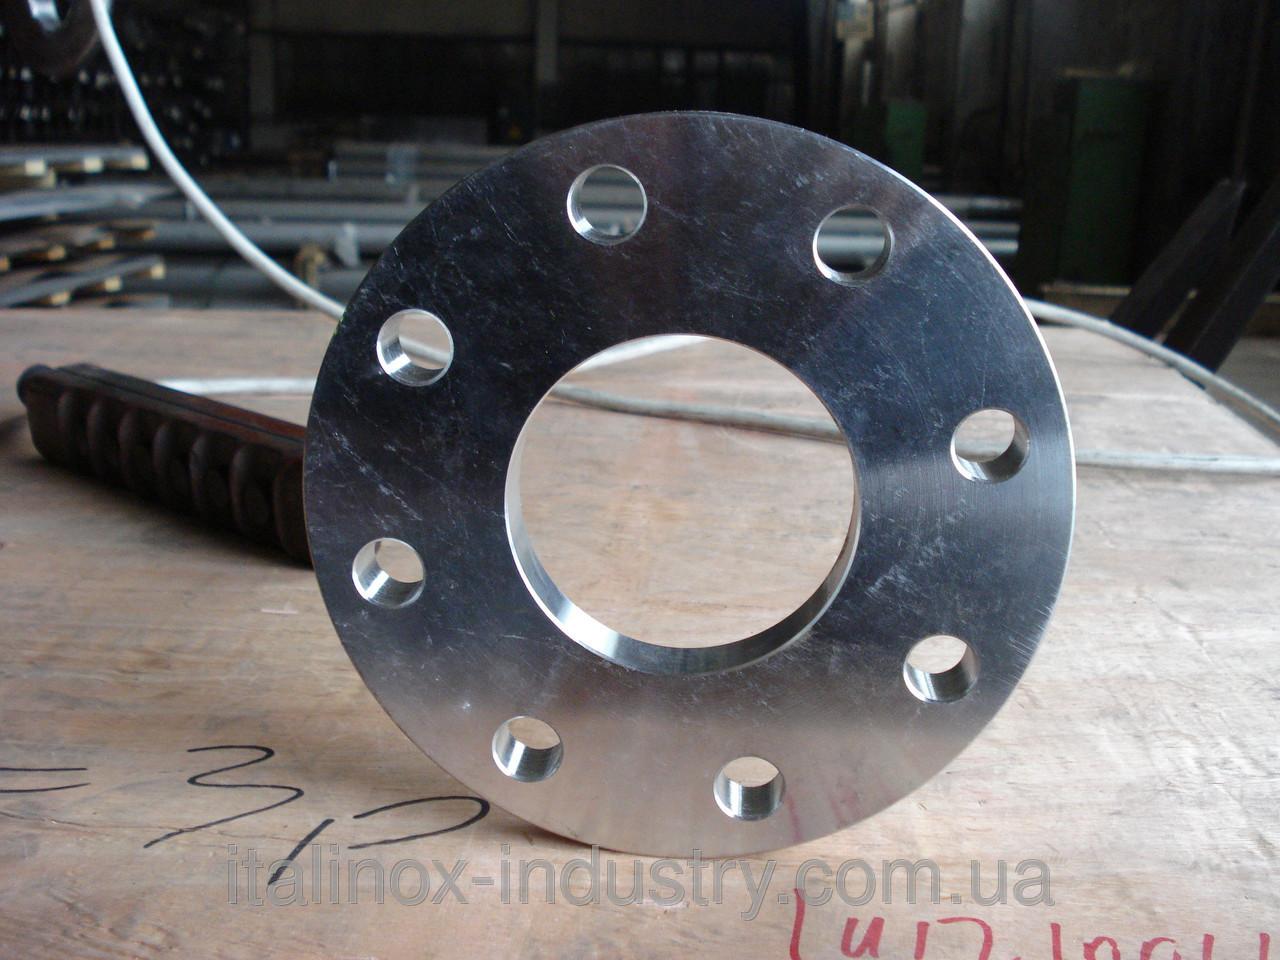 Фланец нержавеющая сталь AISI 321 DN 125 РУ 10